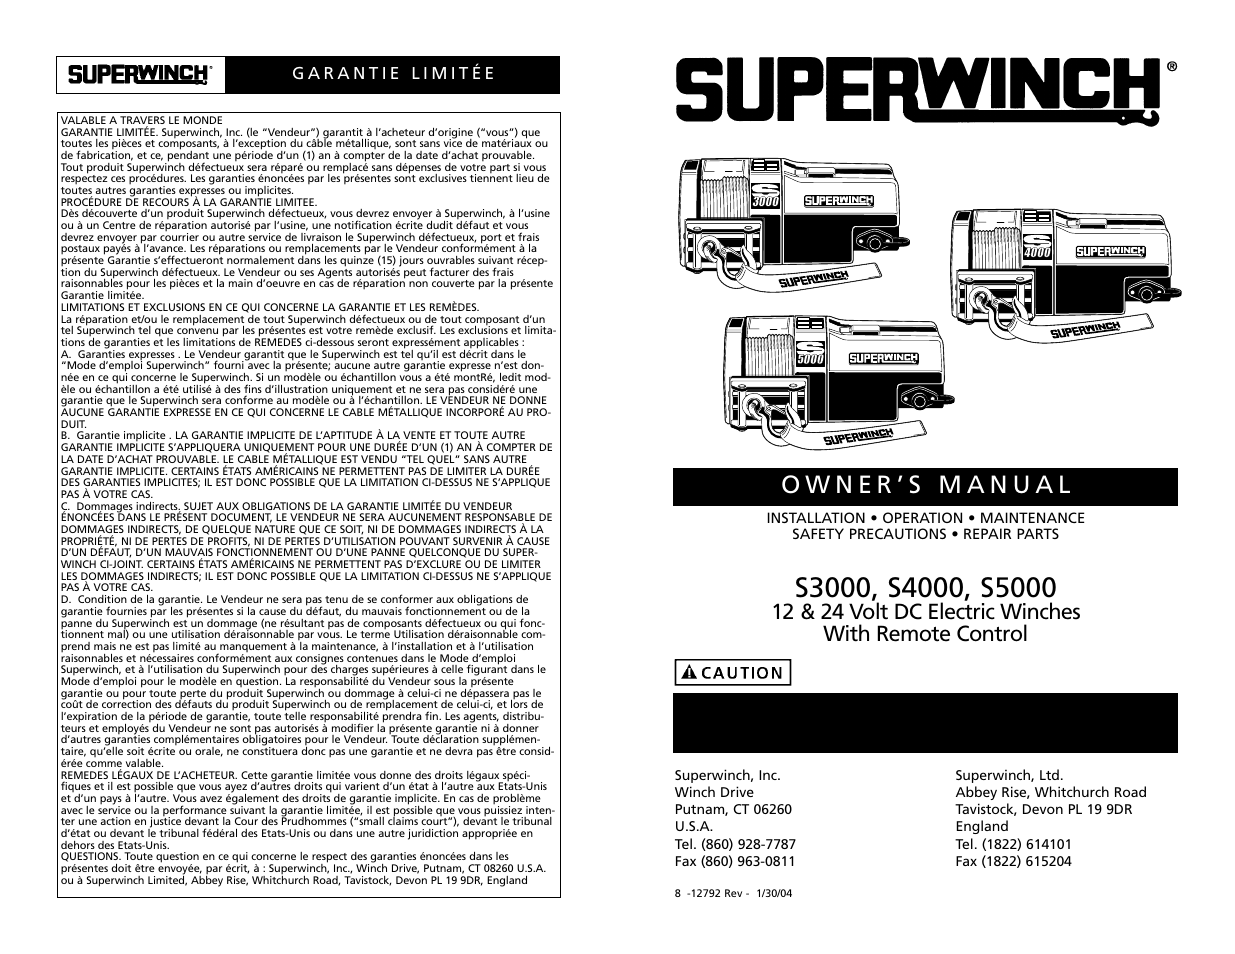 superwinch s3000 1 360 kgs 12v user manual 33 pages original rh manualsdir com